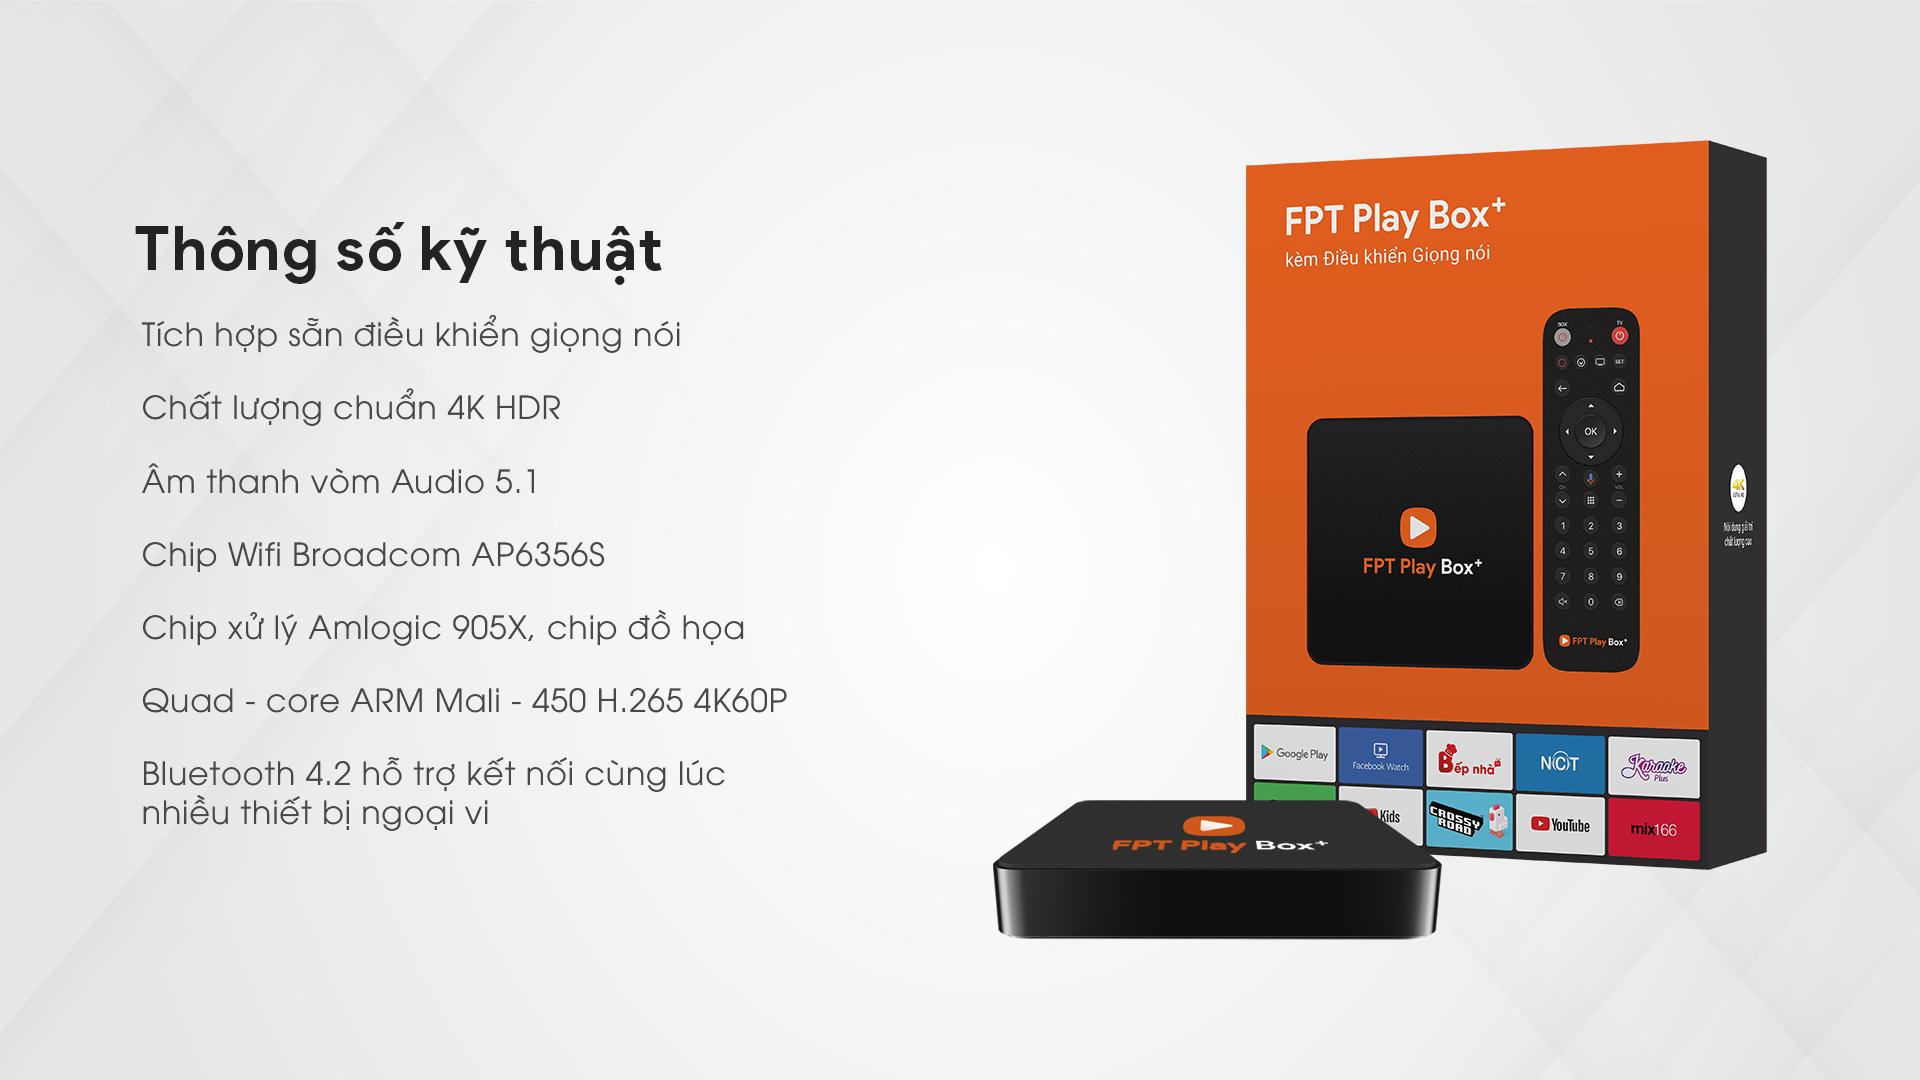 FPT Play Box+ 2019 Voice Remote hàng chính hãng  tặng kèm chuột quang không dây